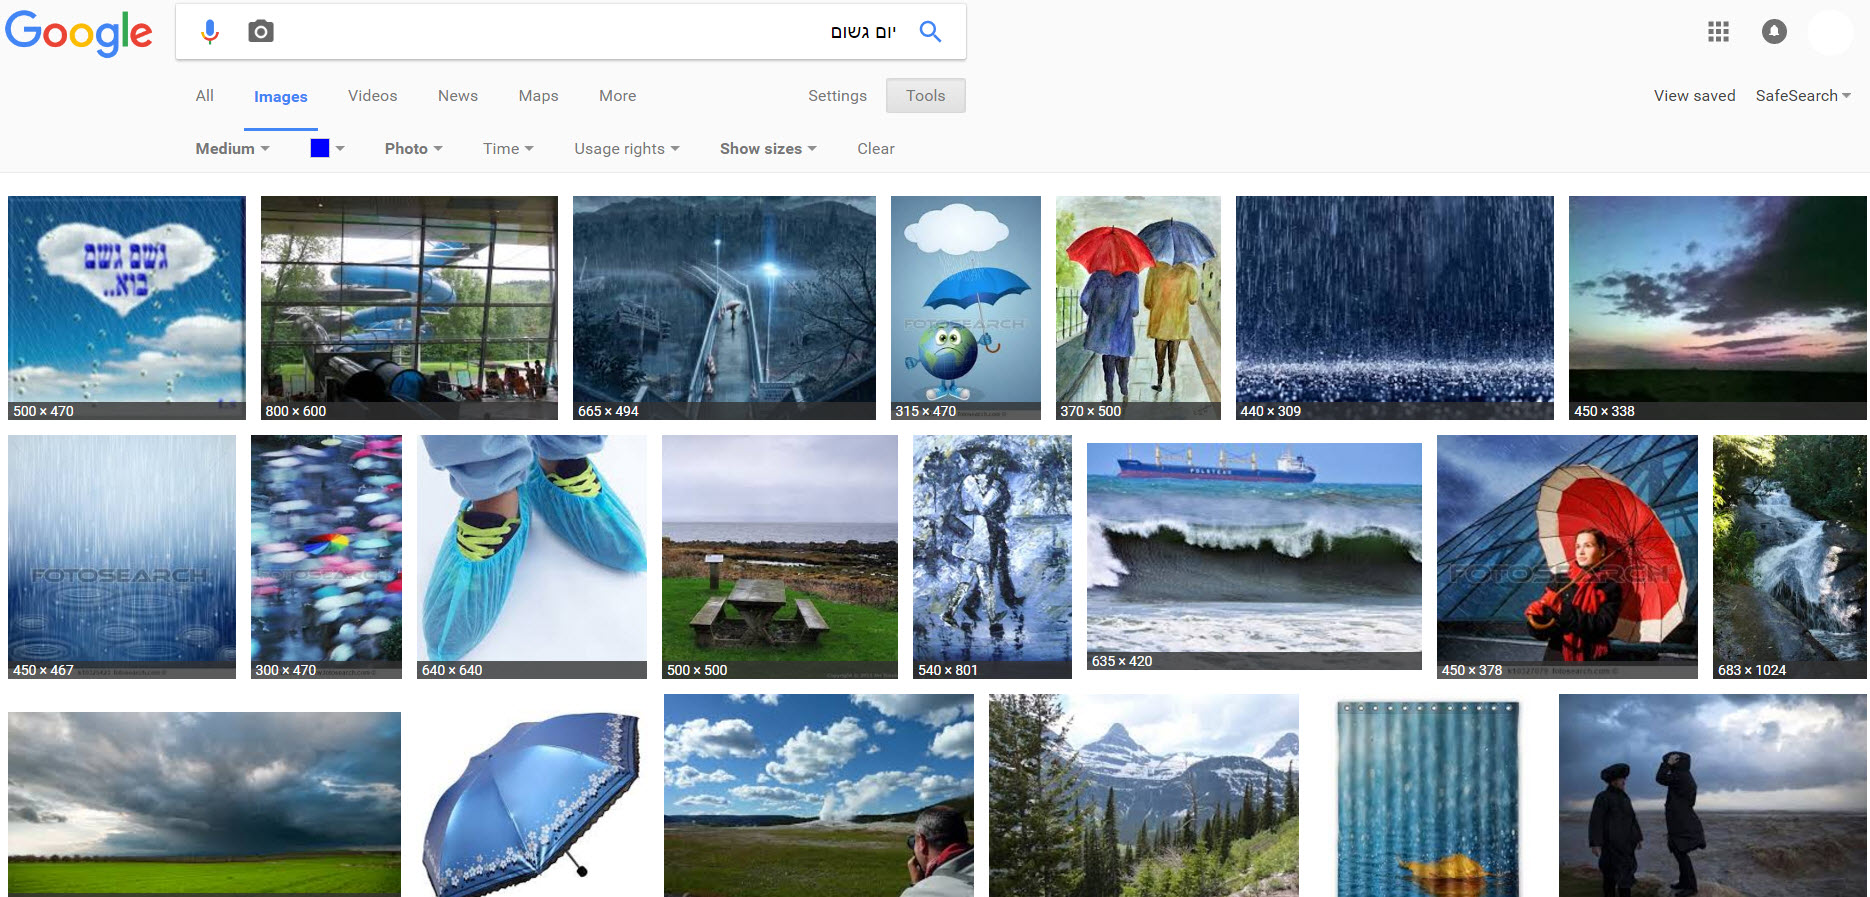 תוצאות חיפוש גוגל תמונות